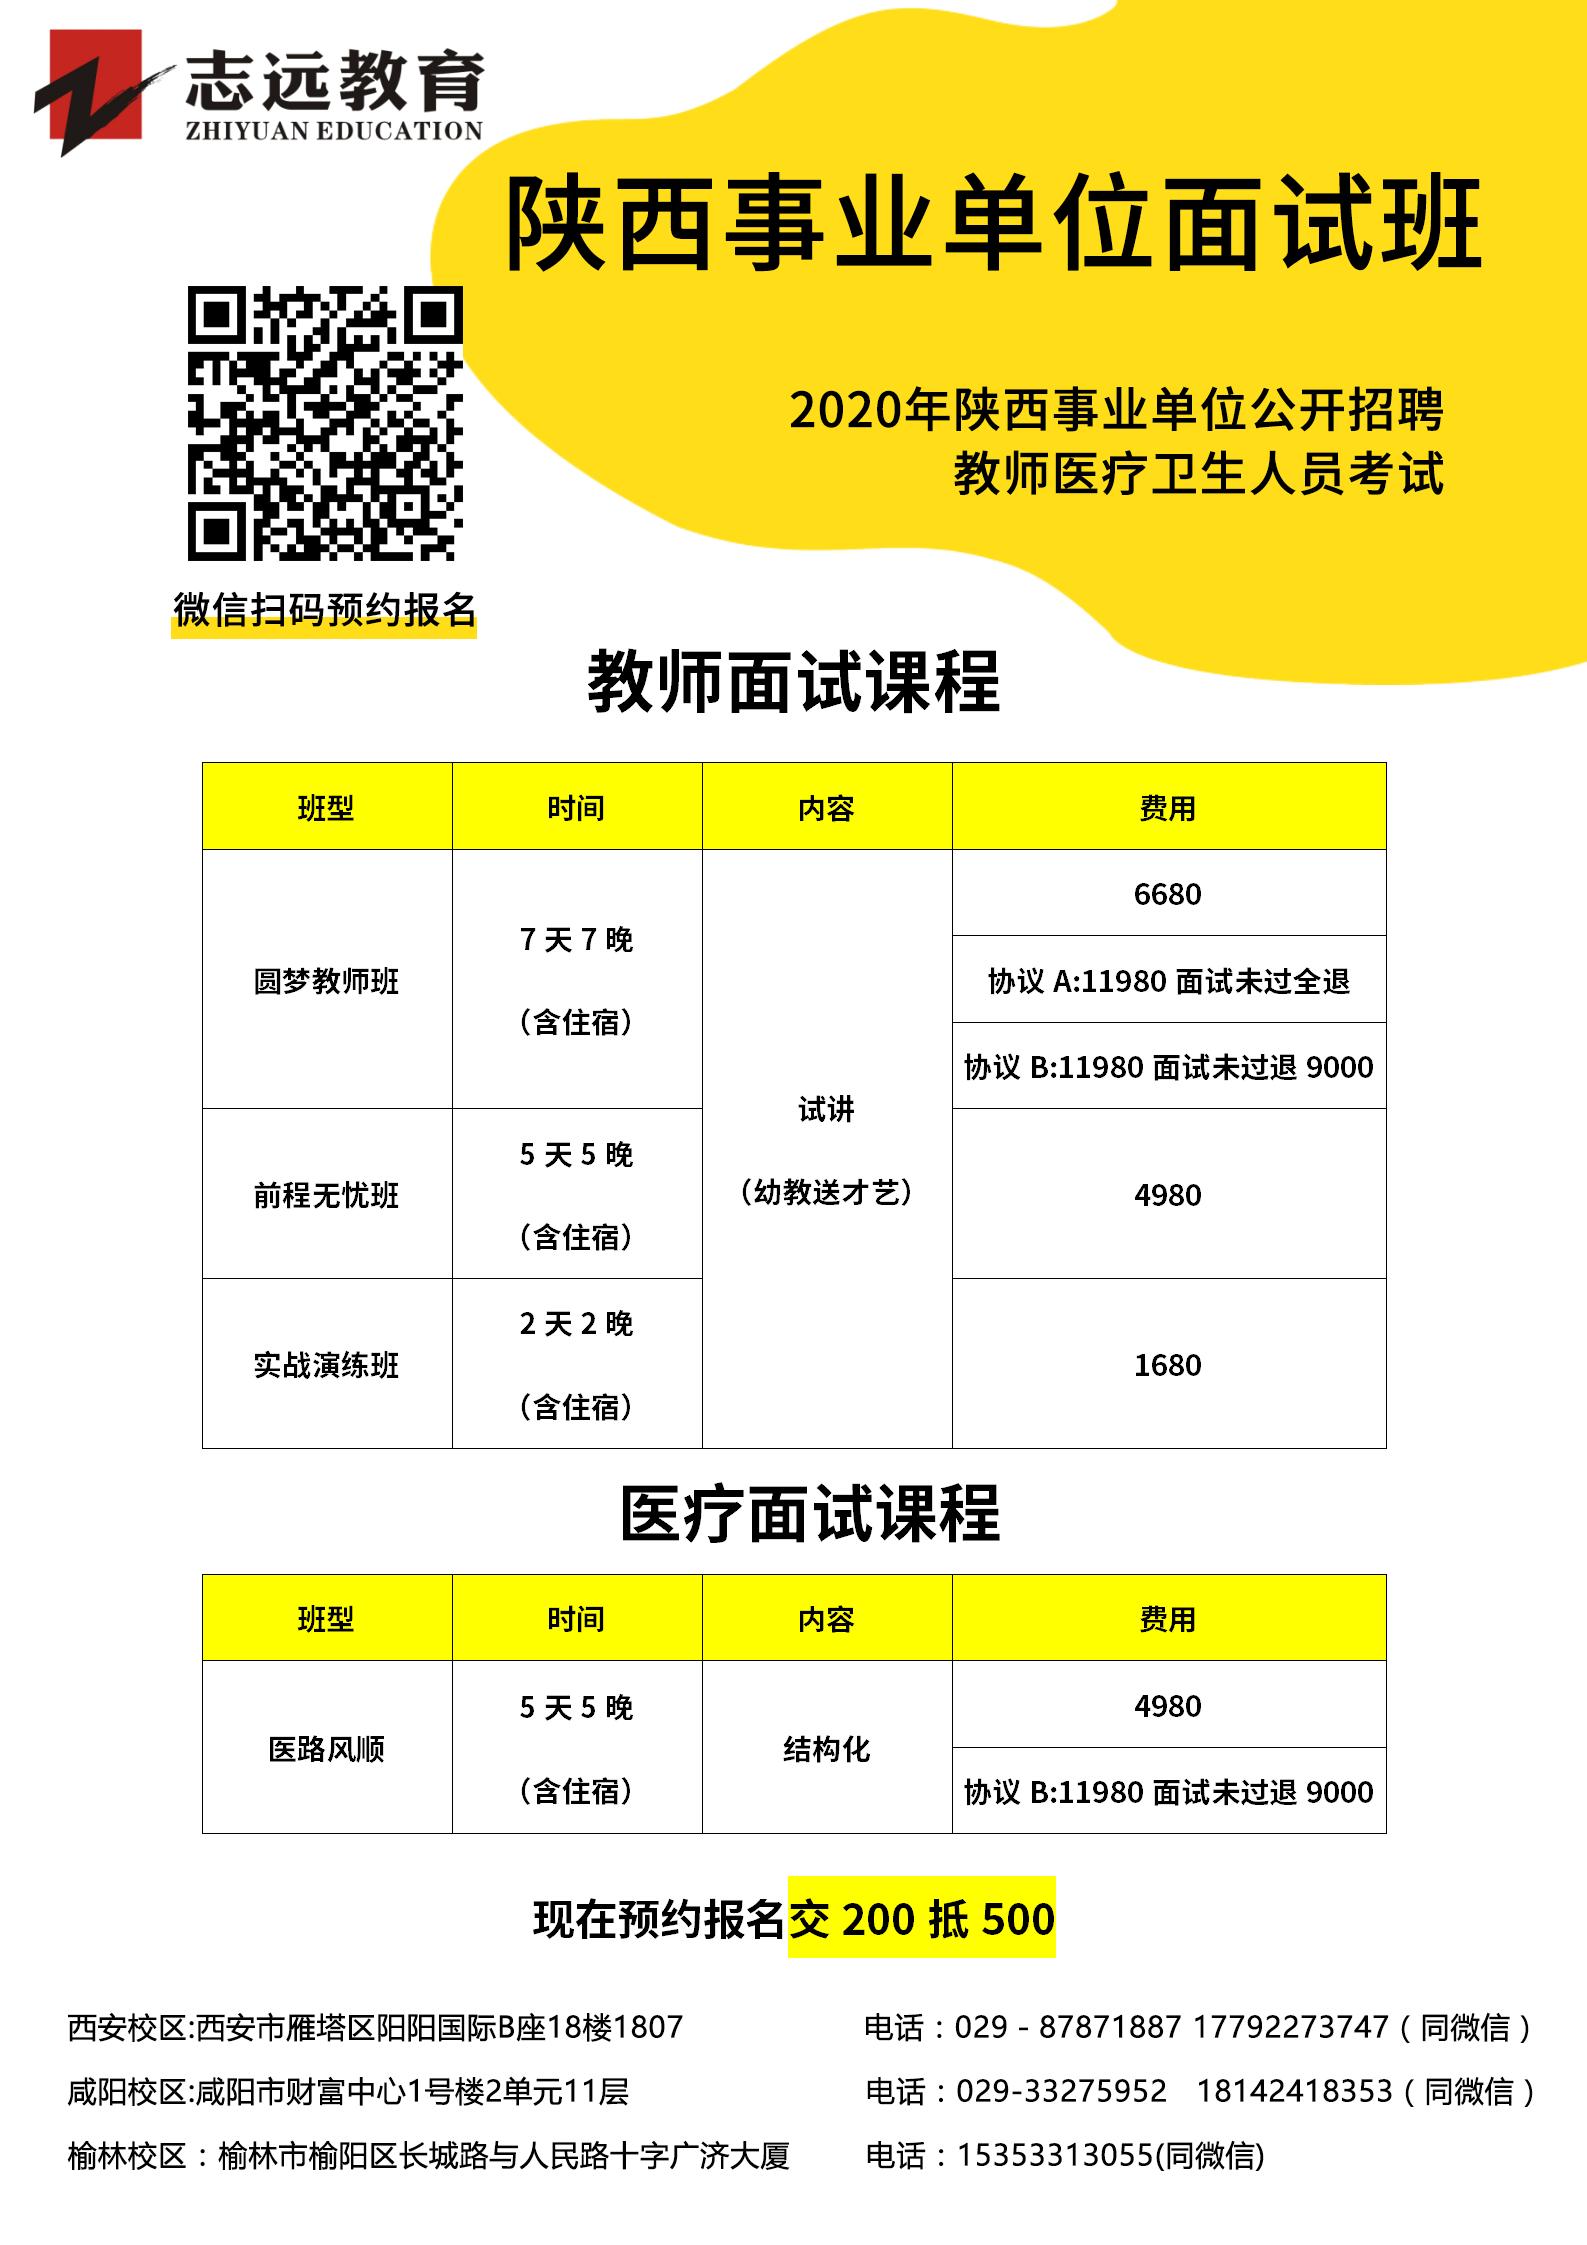 2020年陕西事业单位联考教师医疗岗招考成绩查询入口|复审公告|面试公告汇总(图1)